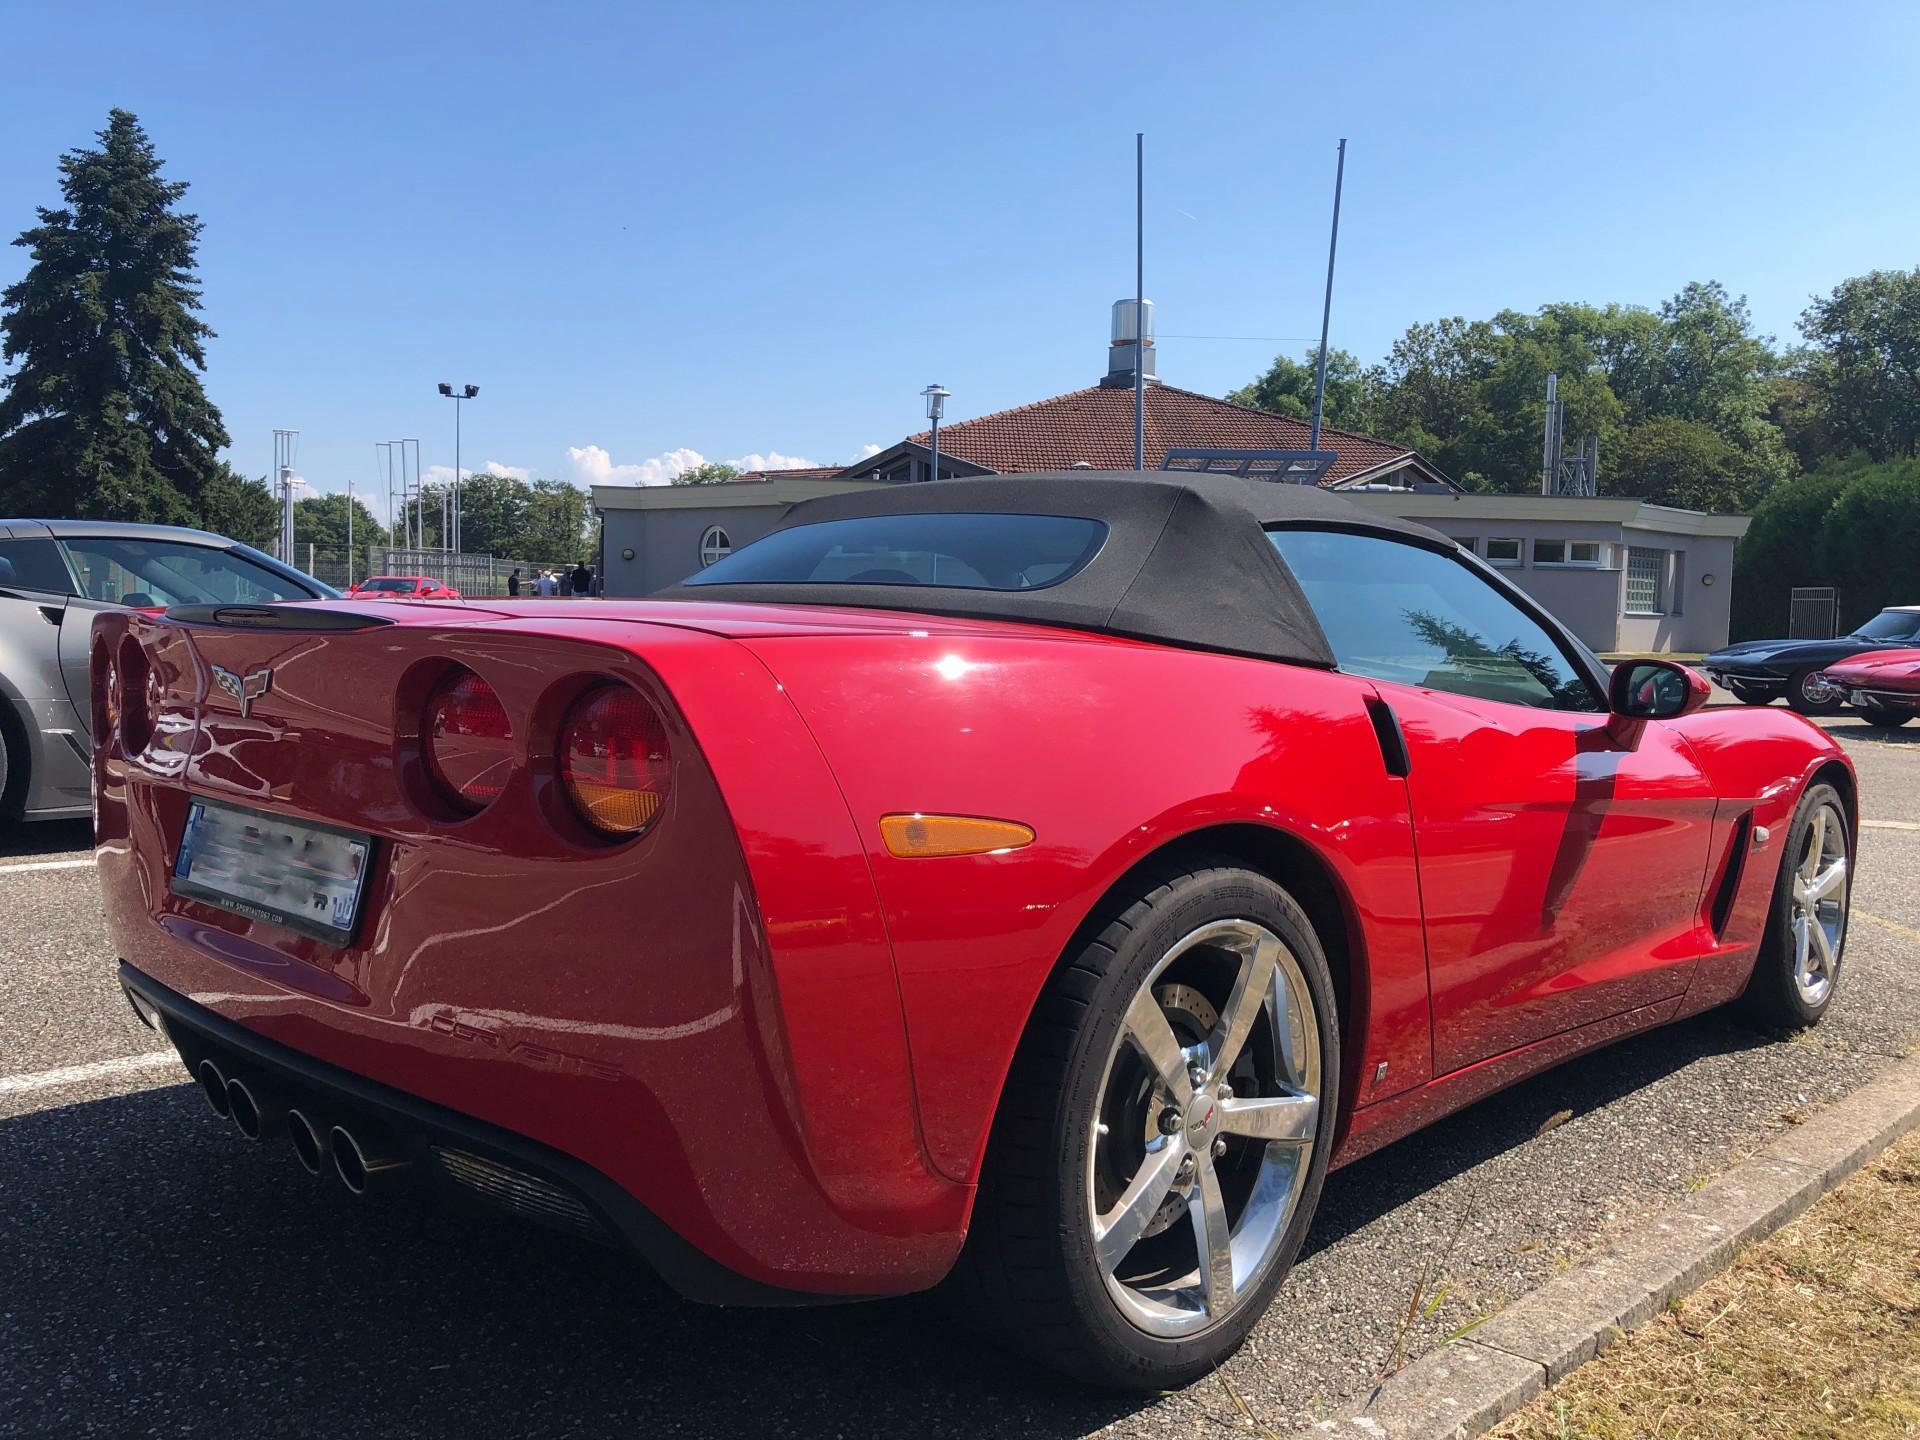 Corvette day 14